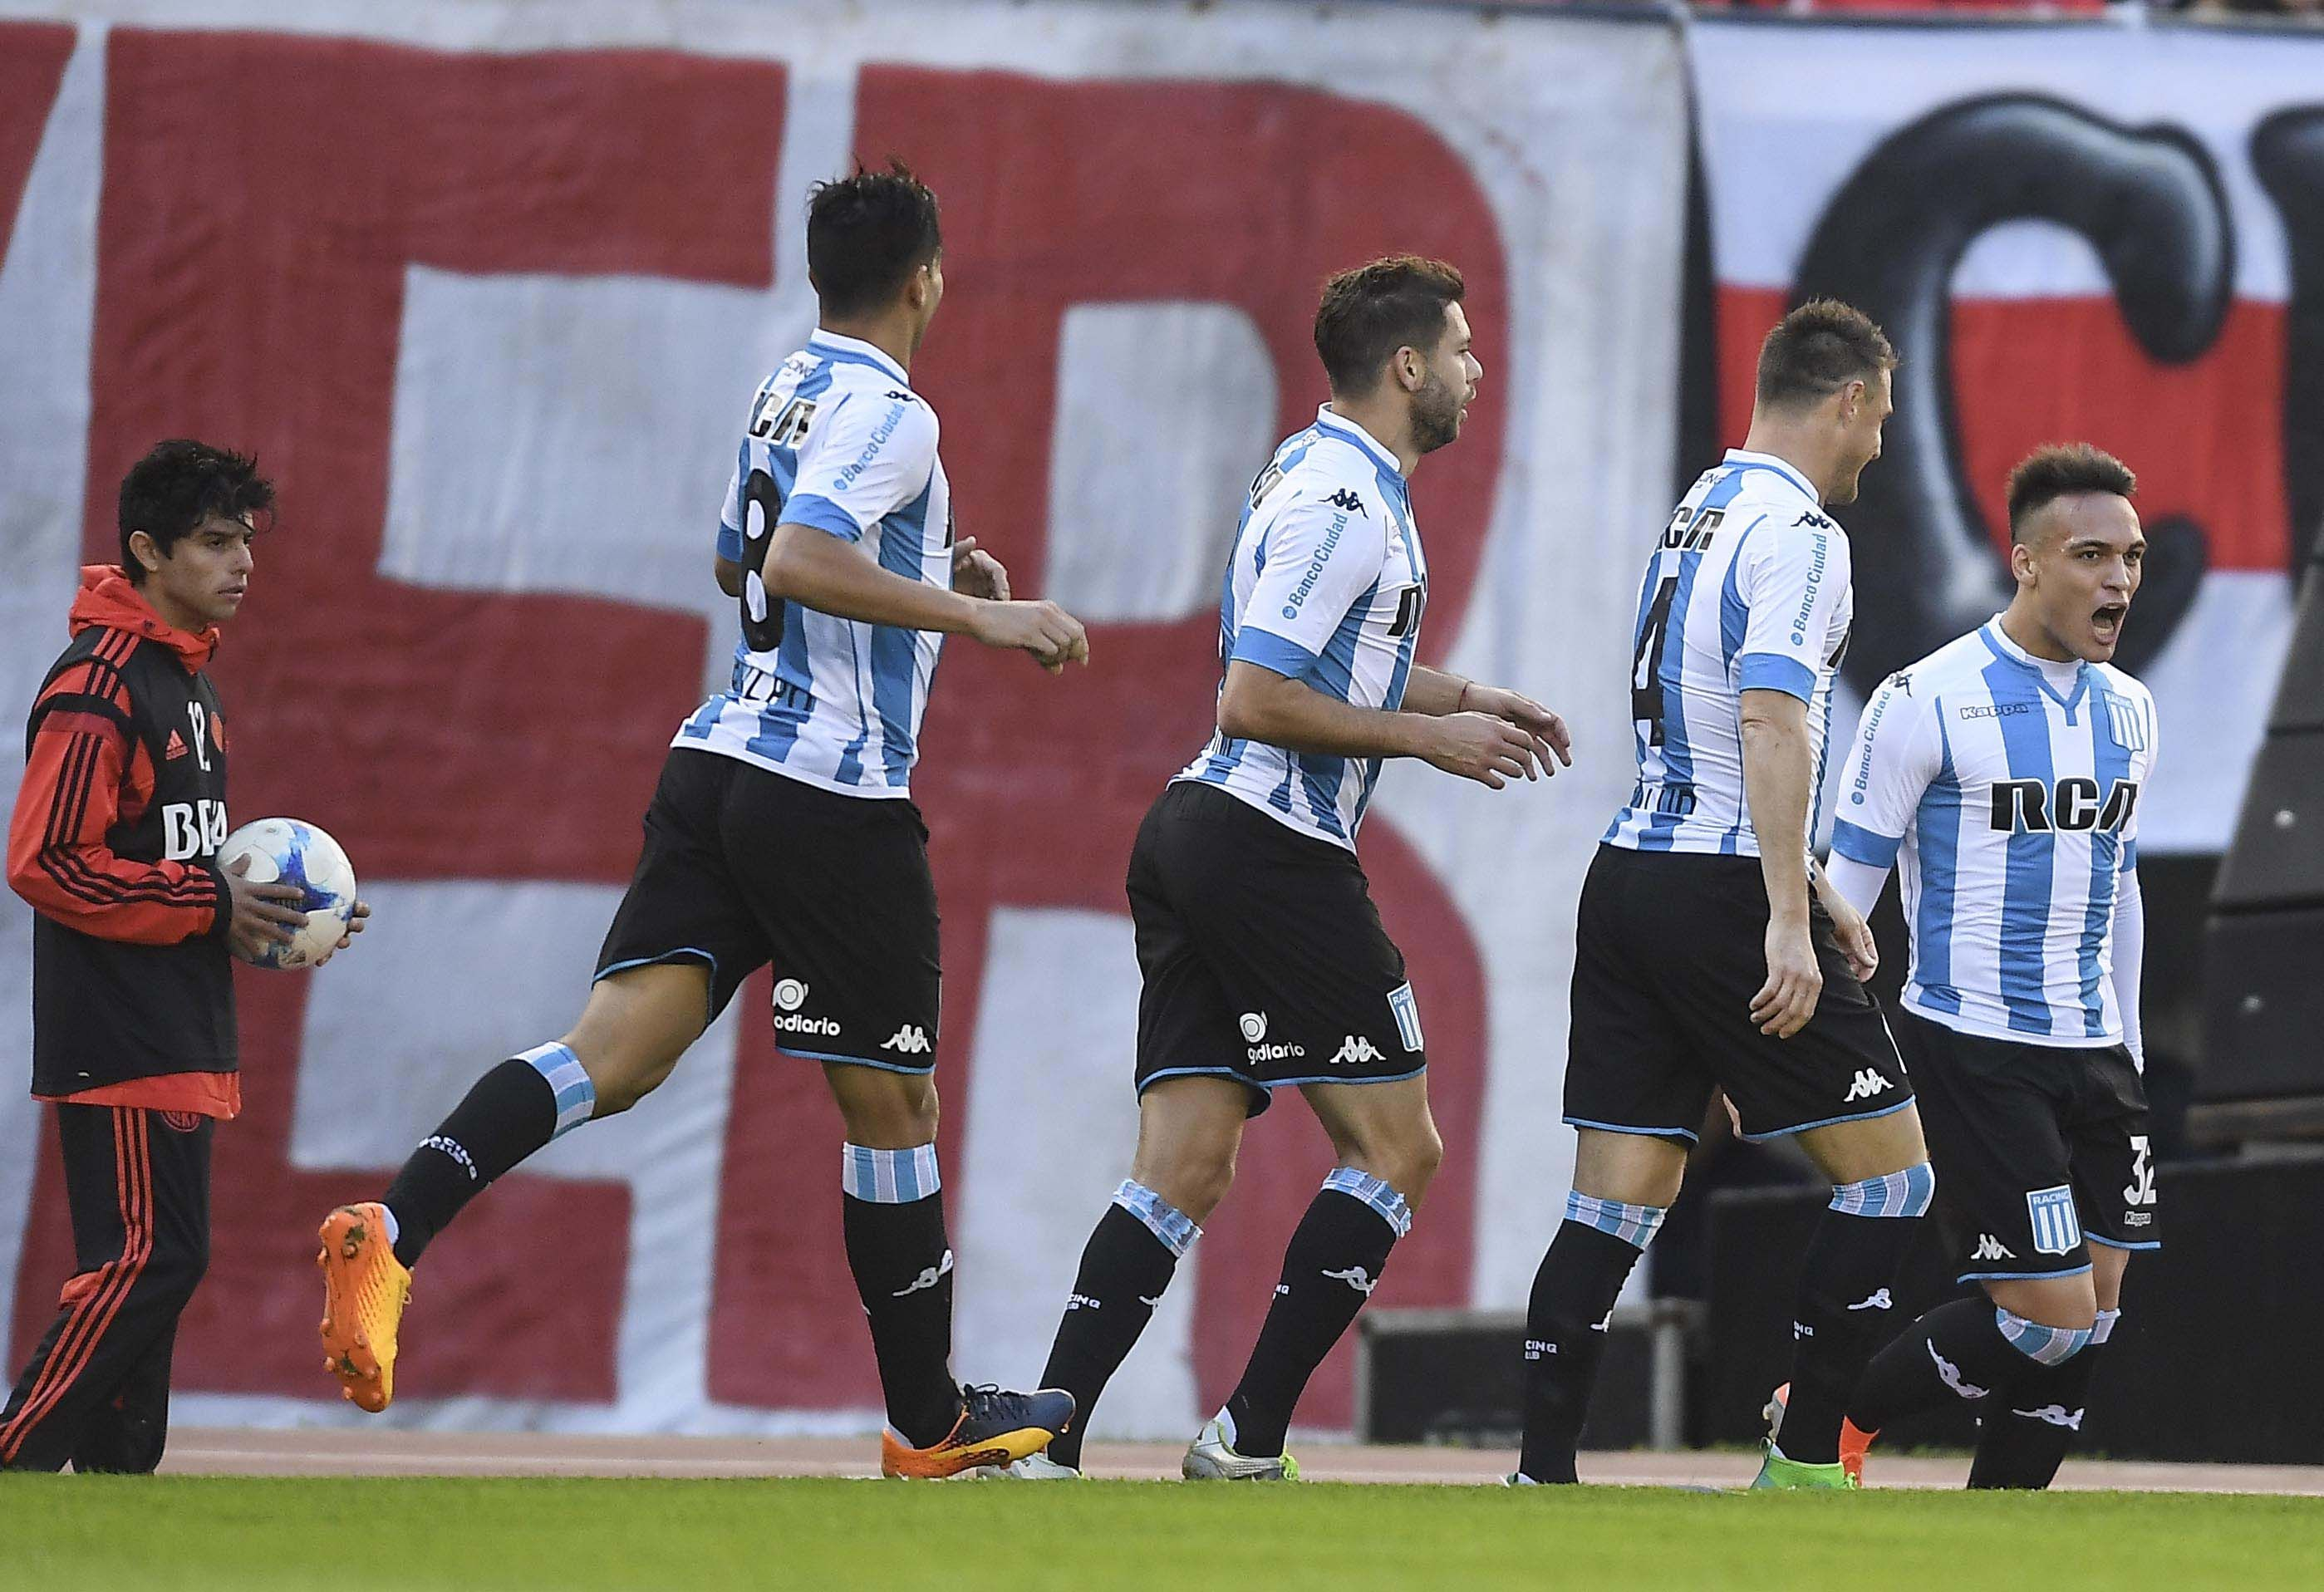 El festejo de Lautaro Martínez tras el primer gol de Racing